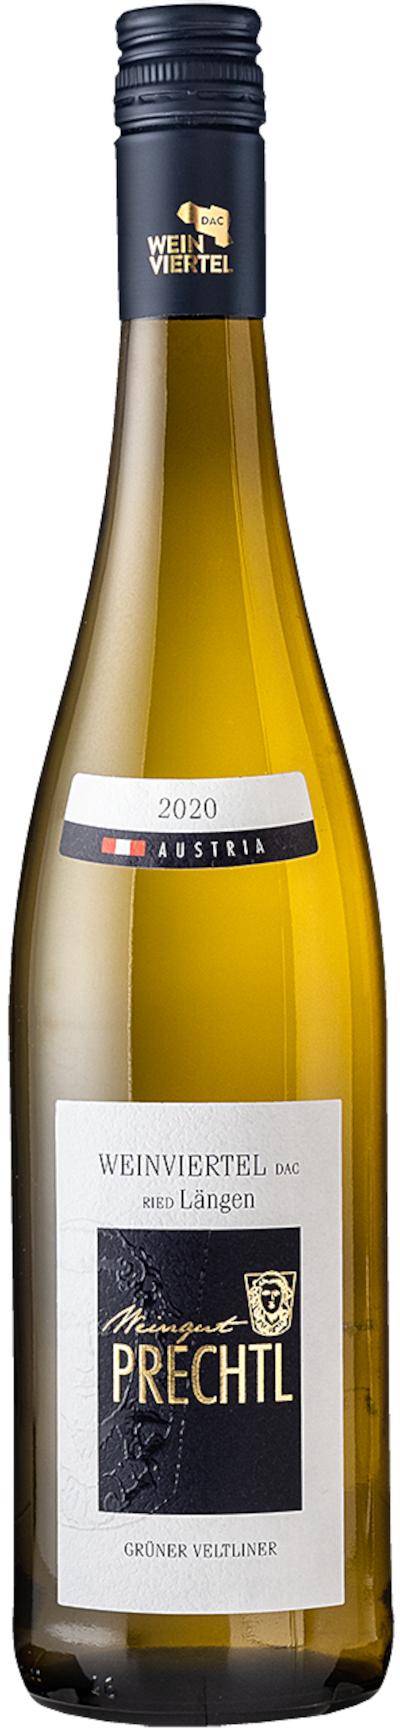 Prechtl - Grüner Veltliner Ried Längen Weinviertel DAC